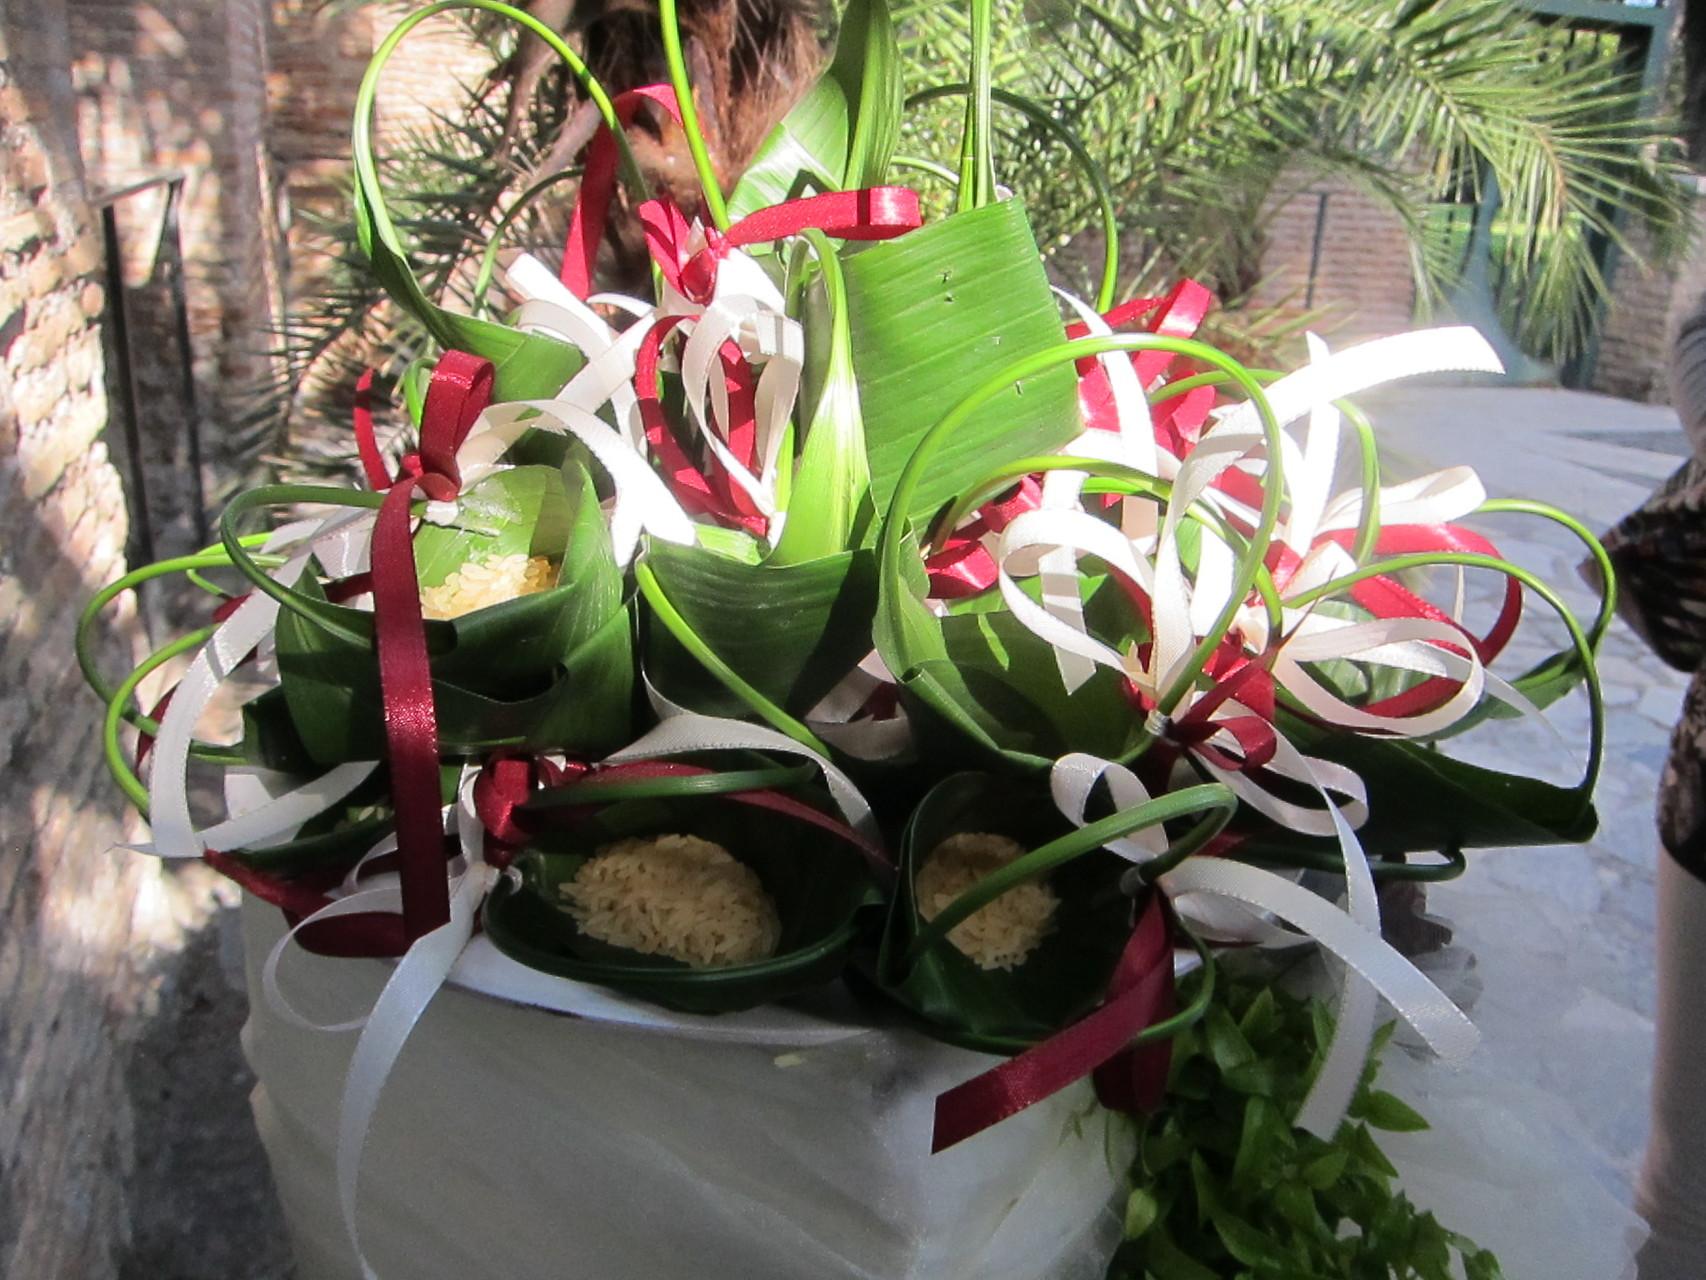 霊廟の入り口にはライスシャワー用の花束